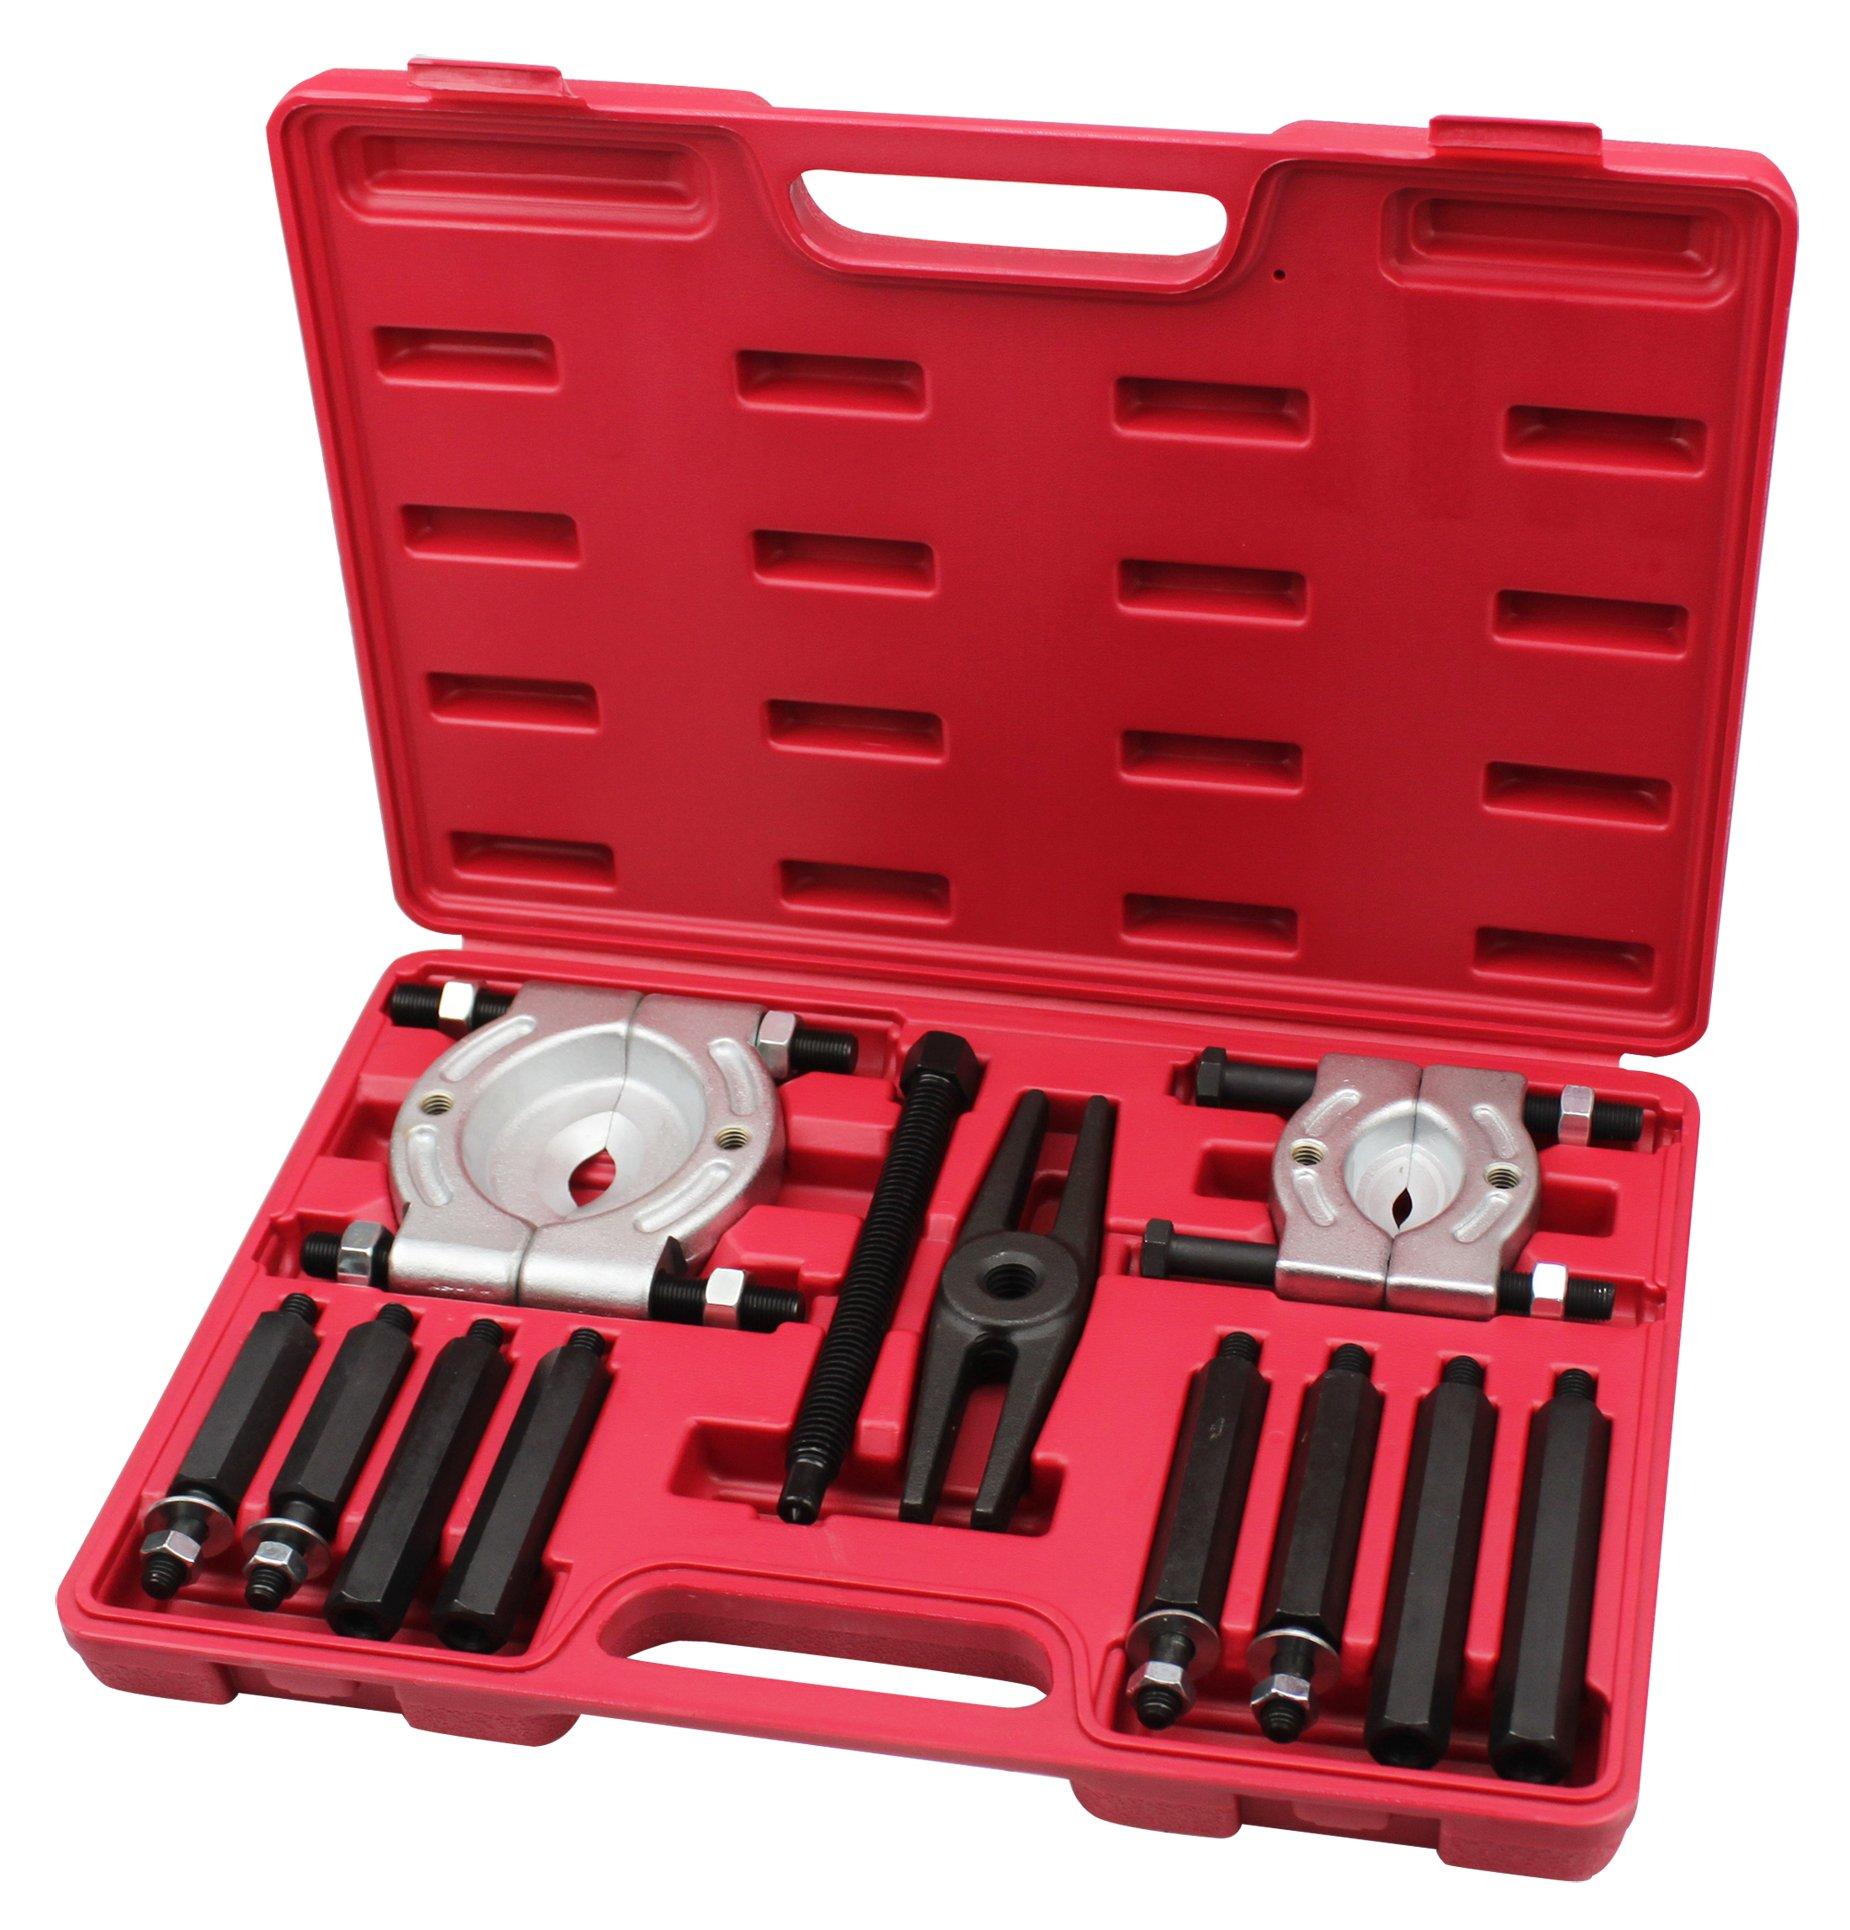 Kauplus 5-ton Bar-Type Puller/Bearing Separator Set